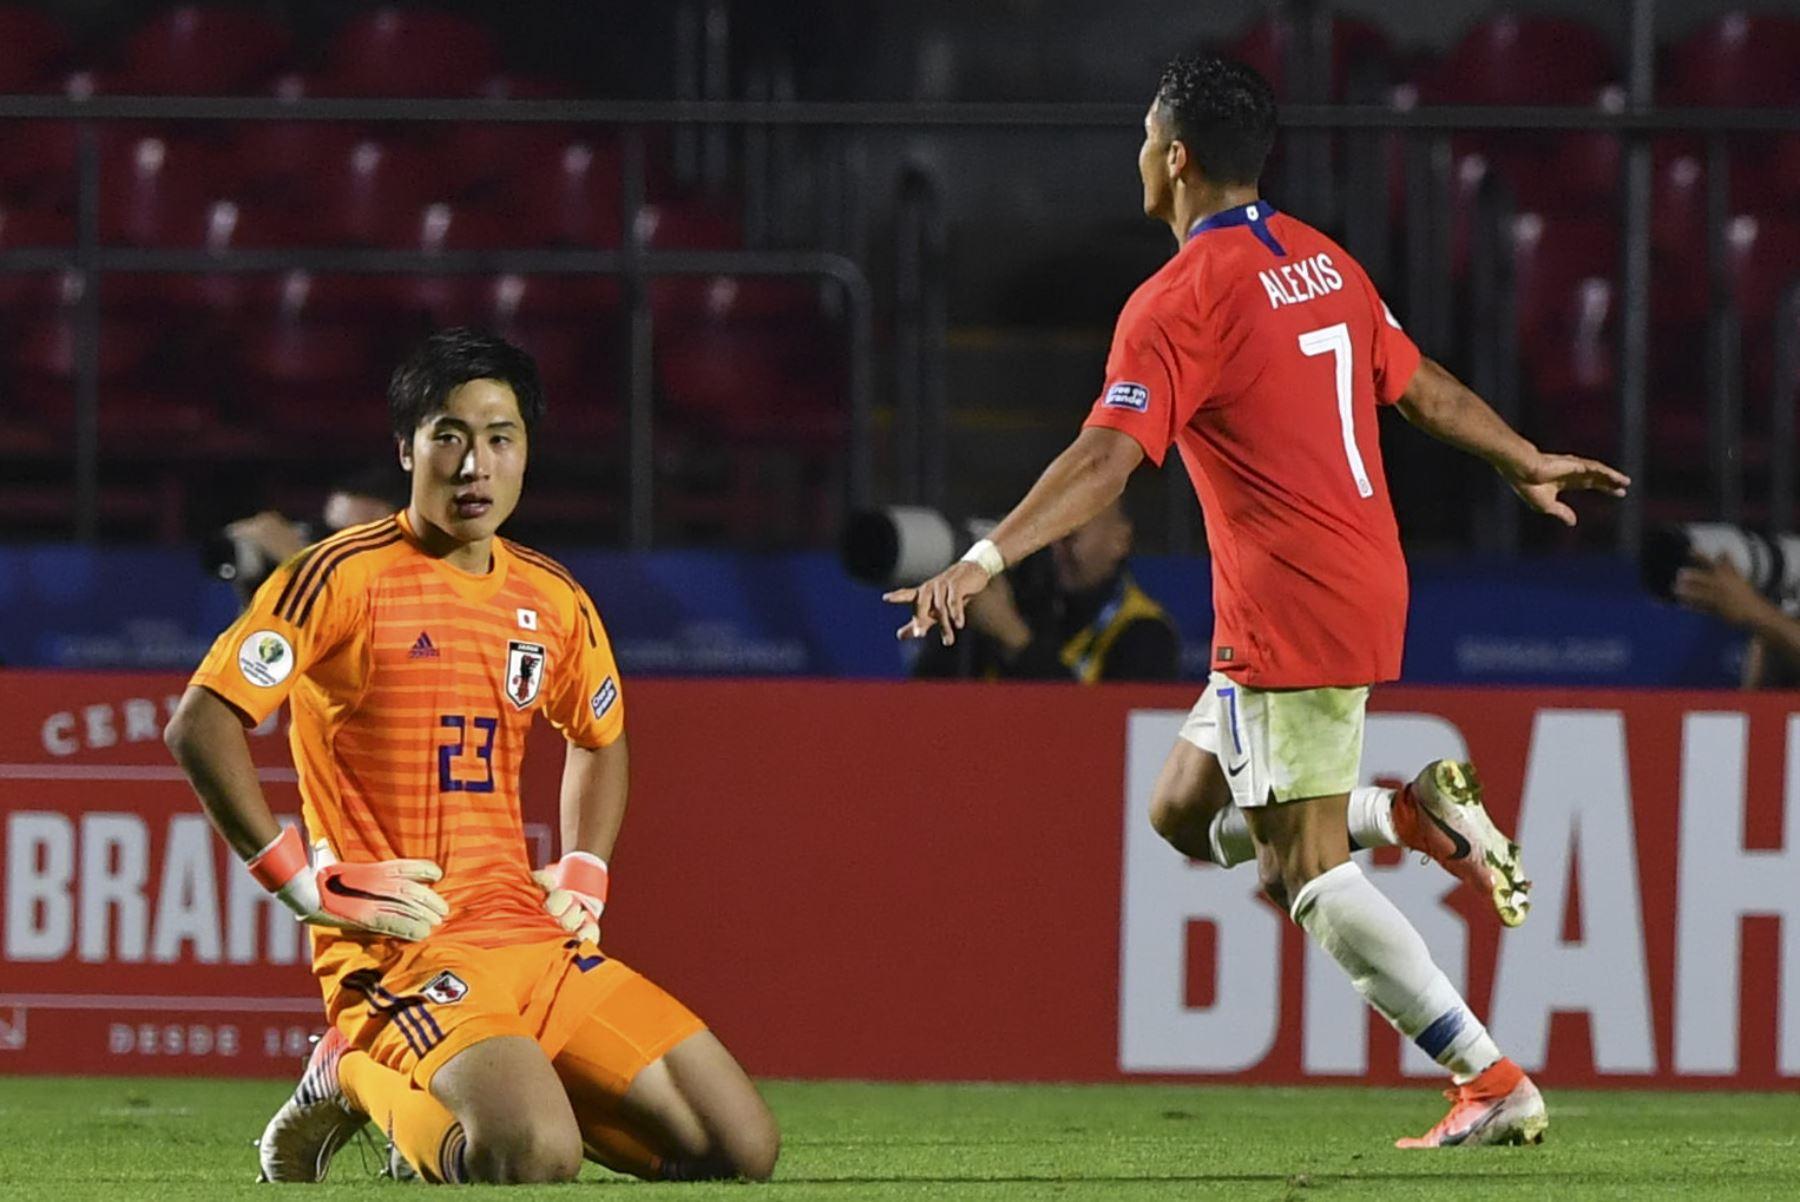 El chileno Alexis Sánchez (R) celebra después de marcar como el arquero de Japón, Keisuke Osako, reacciona durante un torneo de fútbol de la Copa América, Grupo C entre Chile y Japón. Foto: AFP